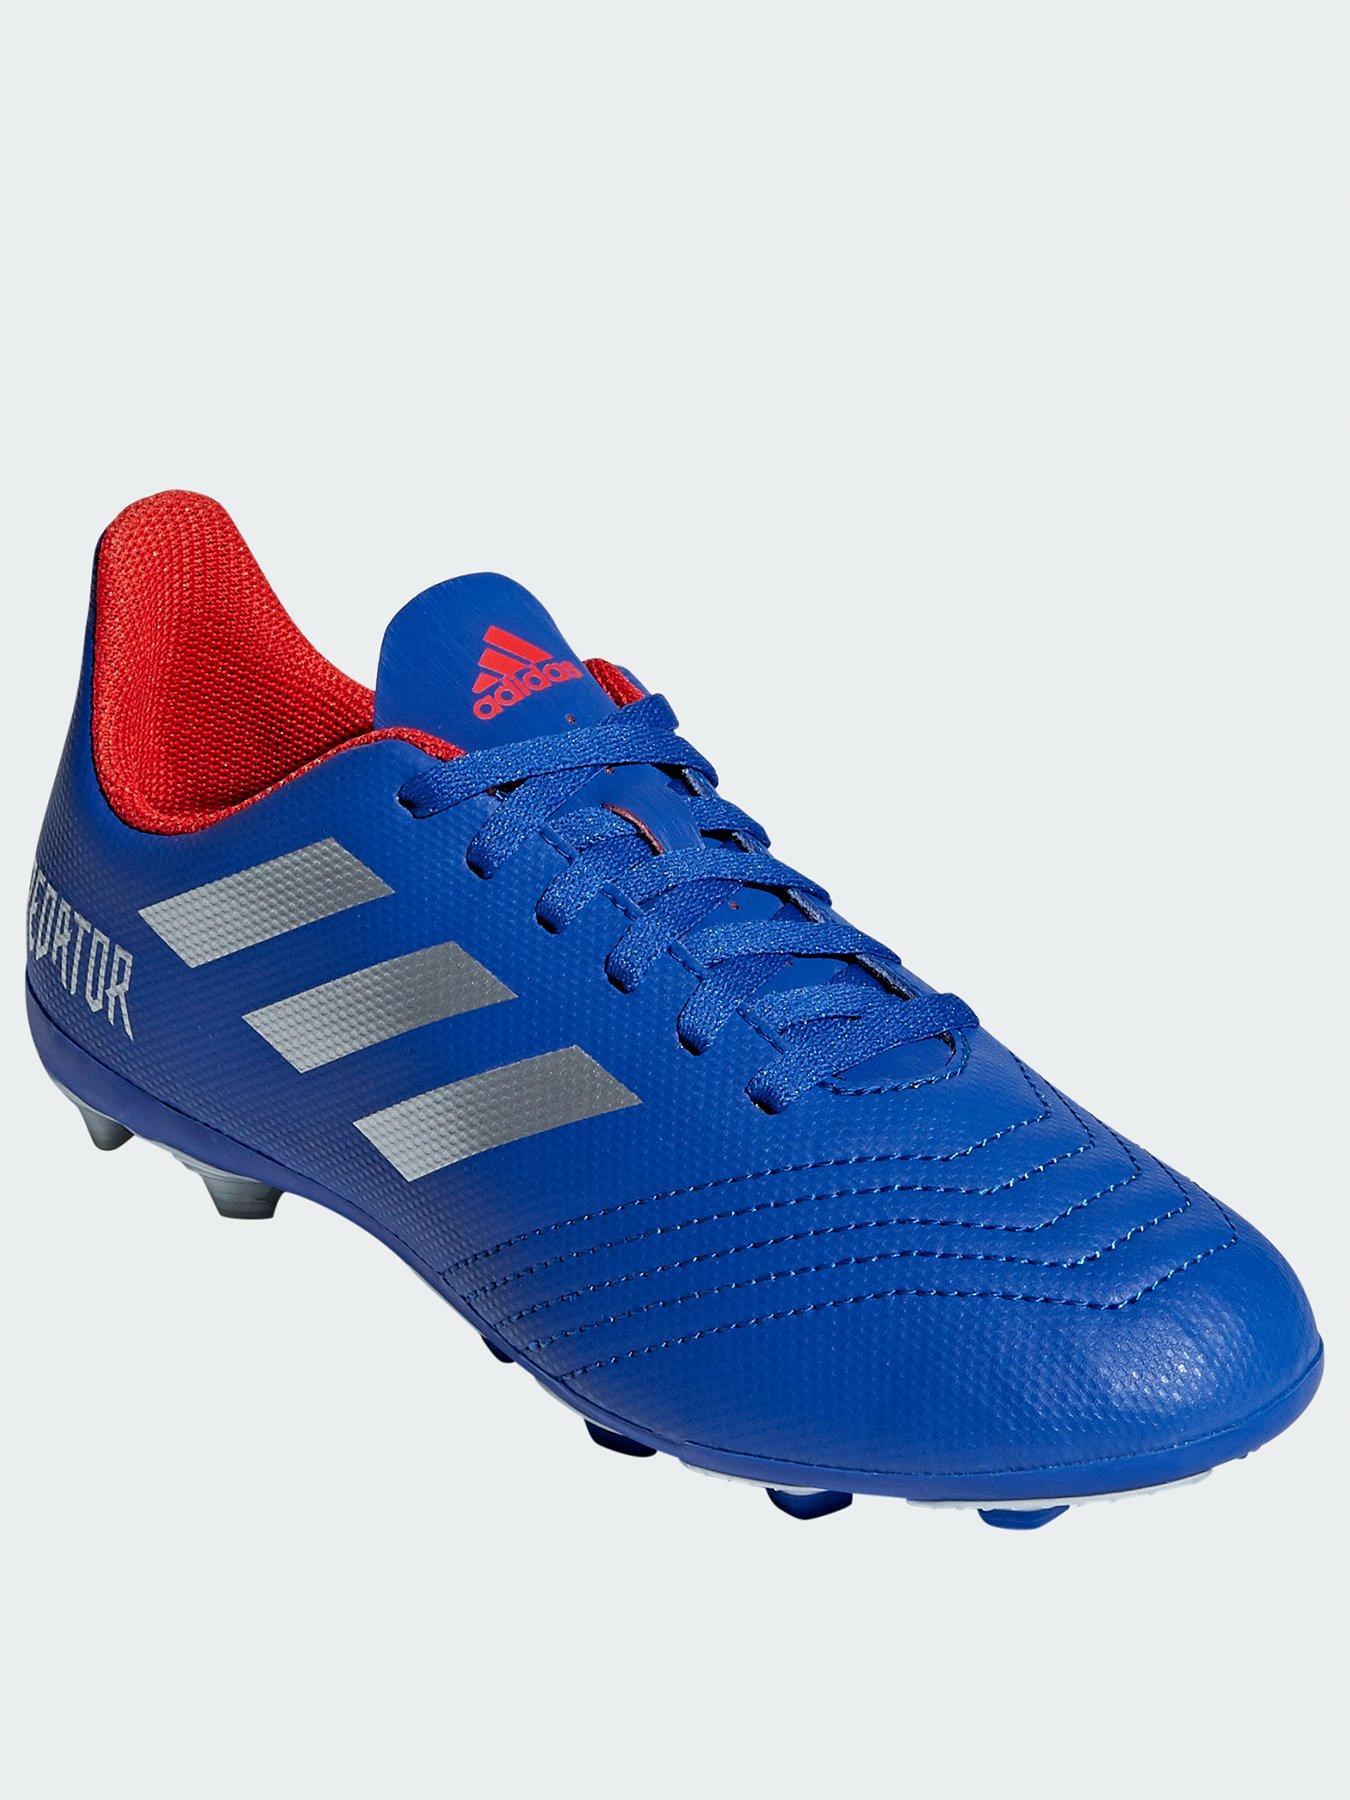 sale retailer d531e 8dc39 order tacos adidas predator 6 mx 47321 5e6b0  coupon code for adidas adidas  junior predator 19.4 fxg football boot 558d3 62d2e